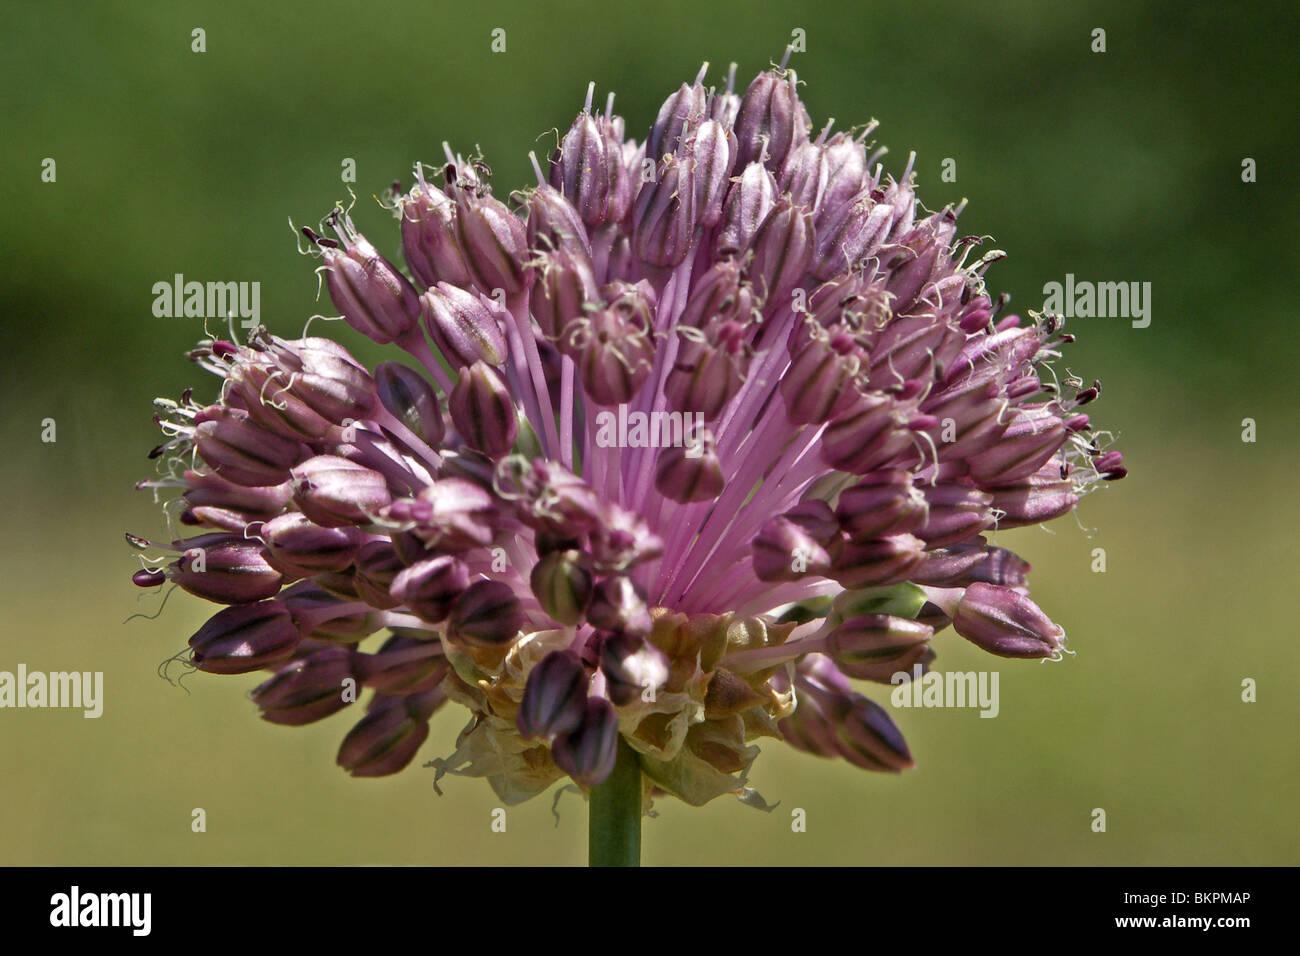 zijaanzicht close up van bloeiwijze met bloemen, zonder bolletjes Stock Photo